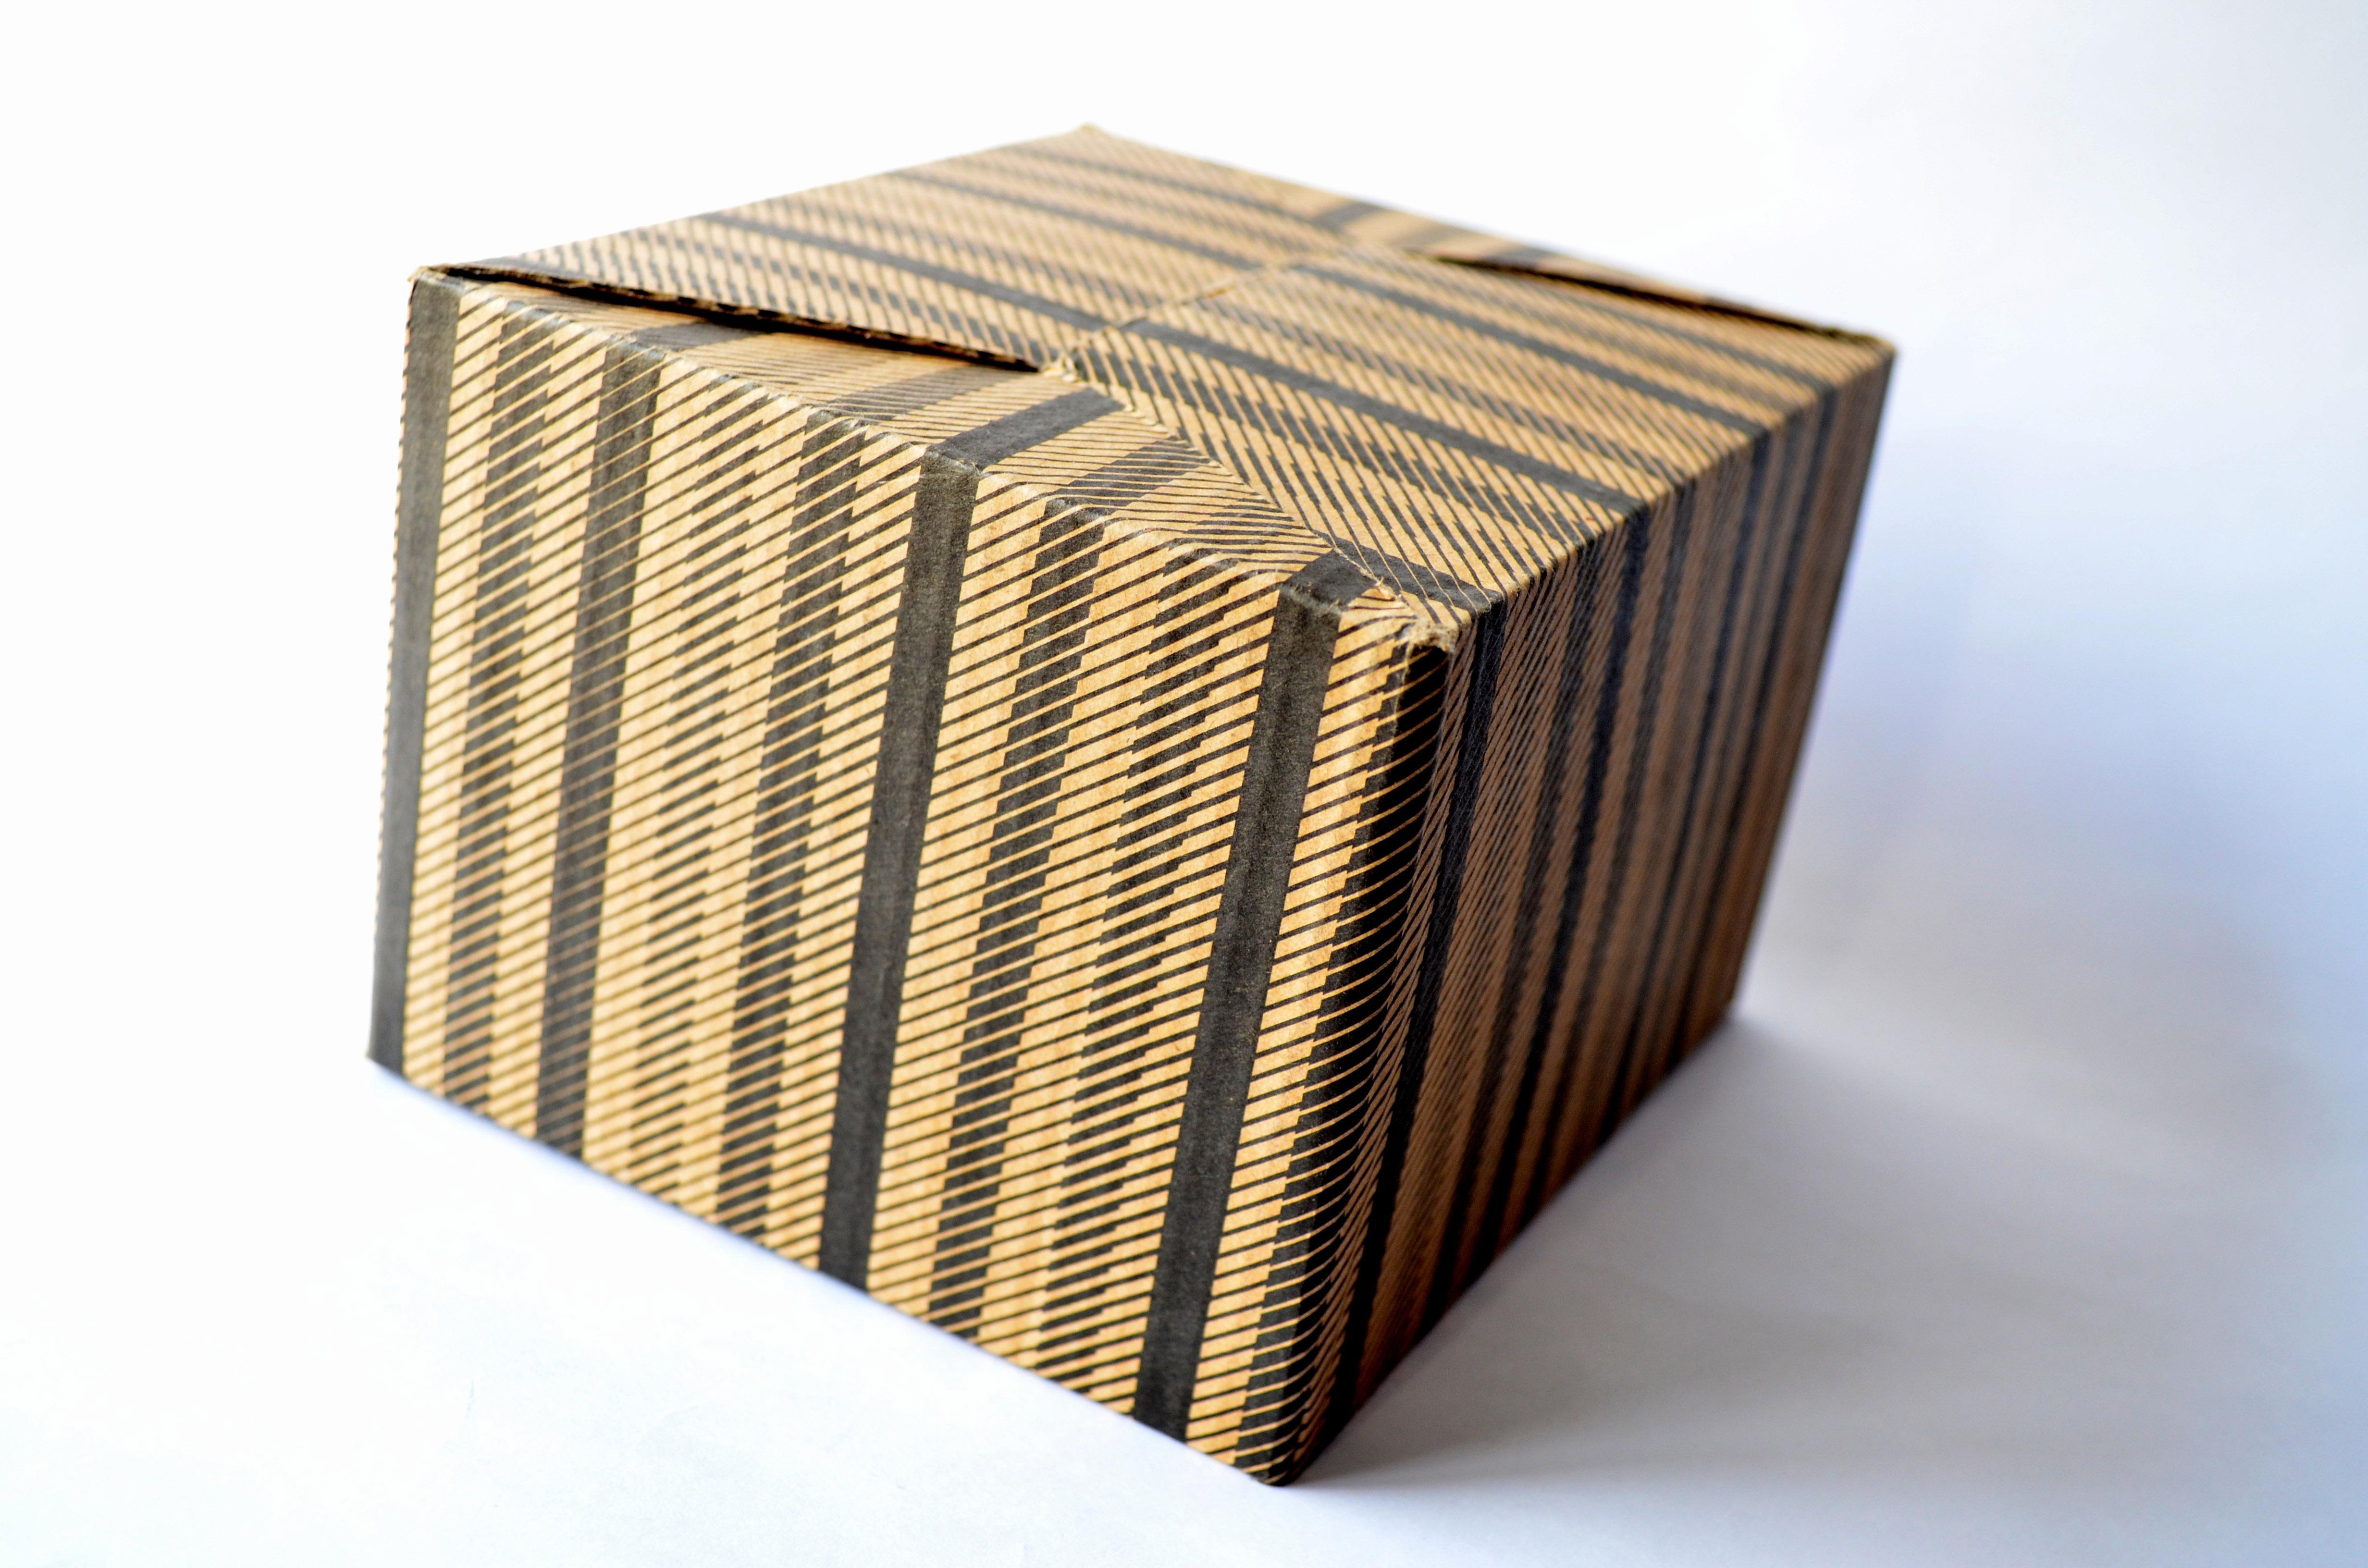 Wrapped gift box image free stock photo public domain photo free photos other photos wrapped gift box negle Images